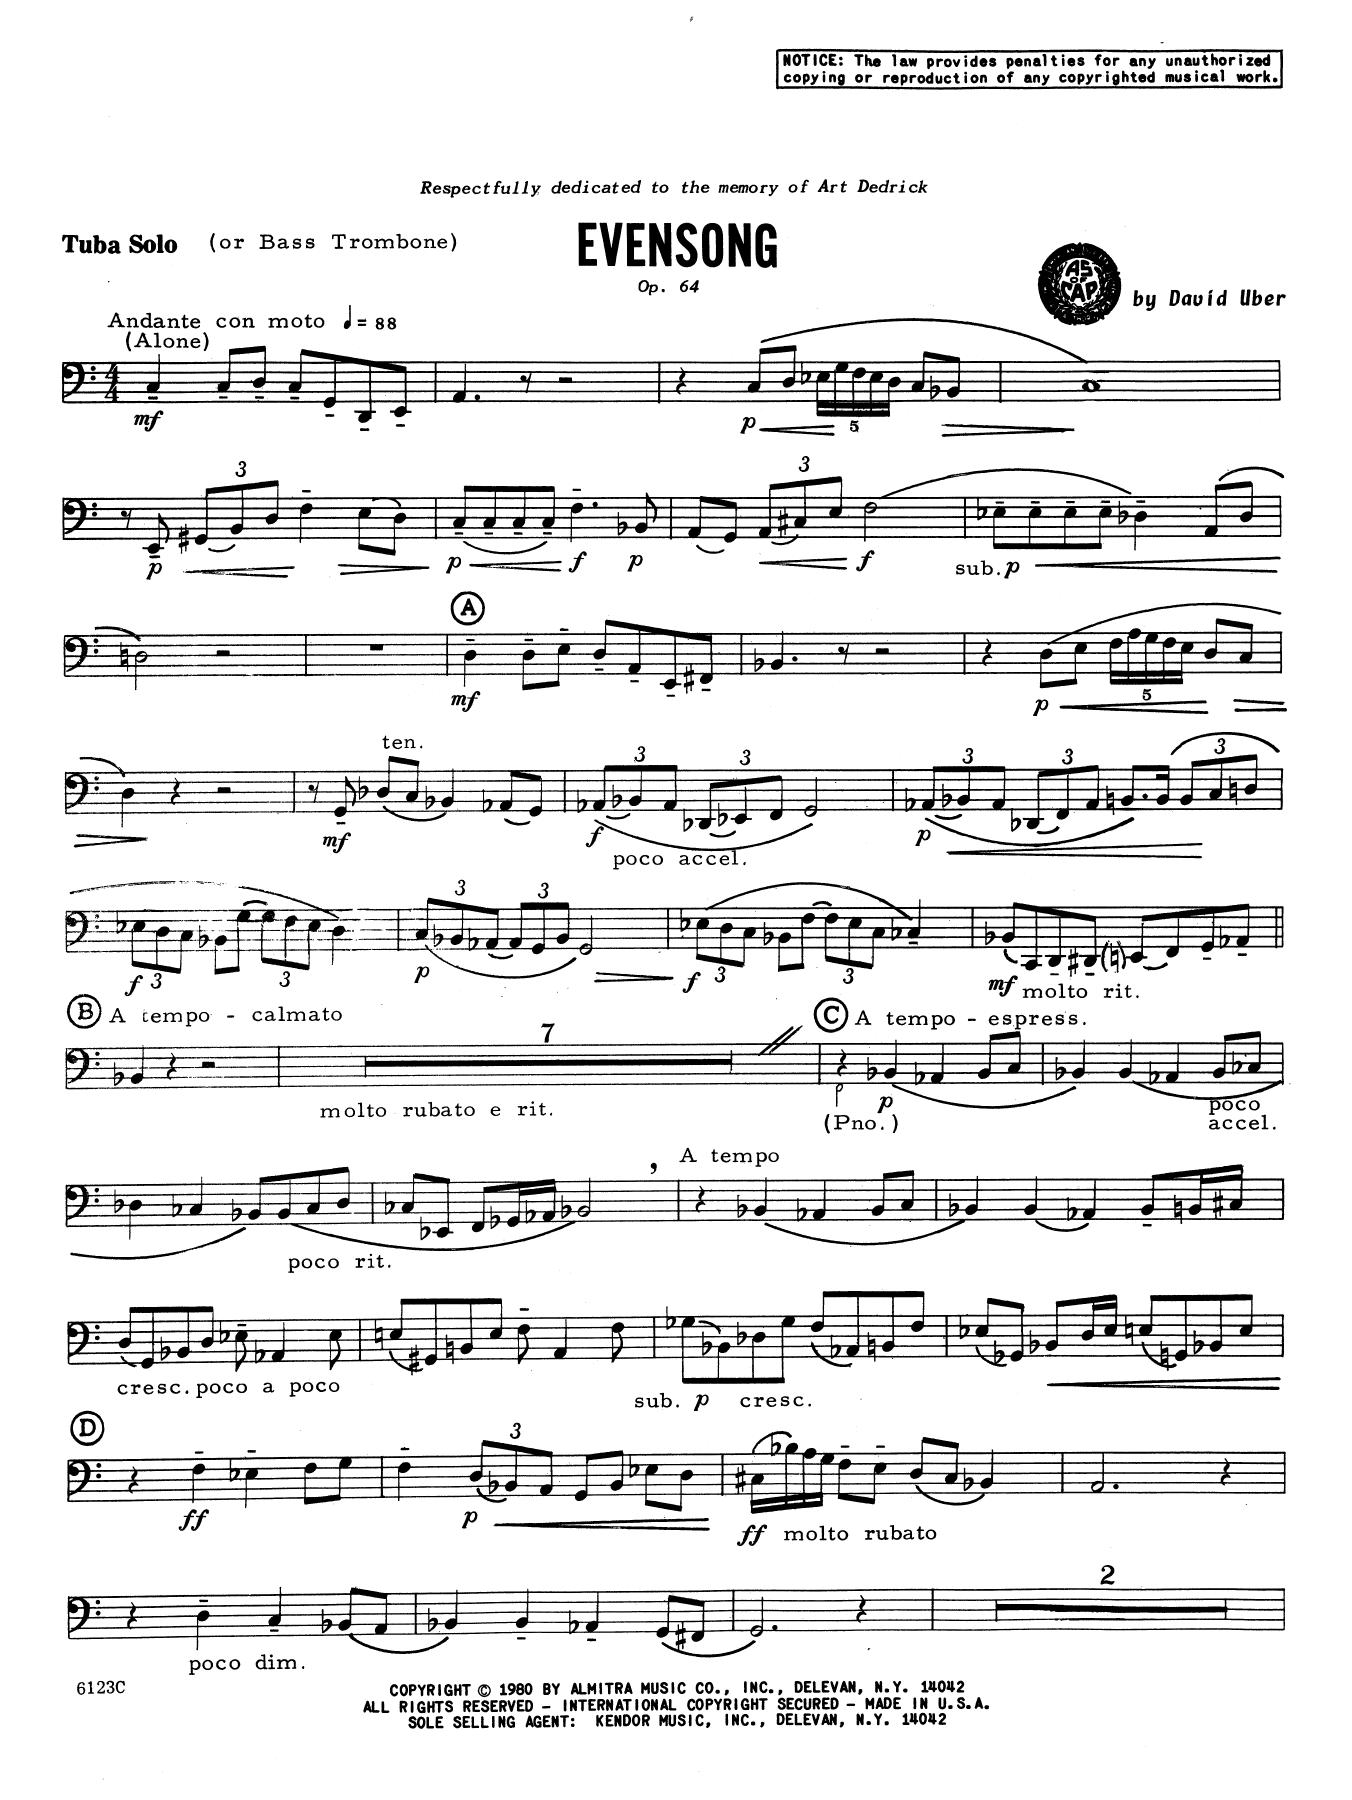 Evensong - Tuba Sheet Music